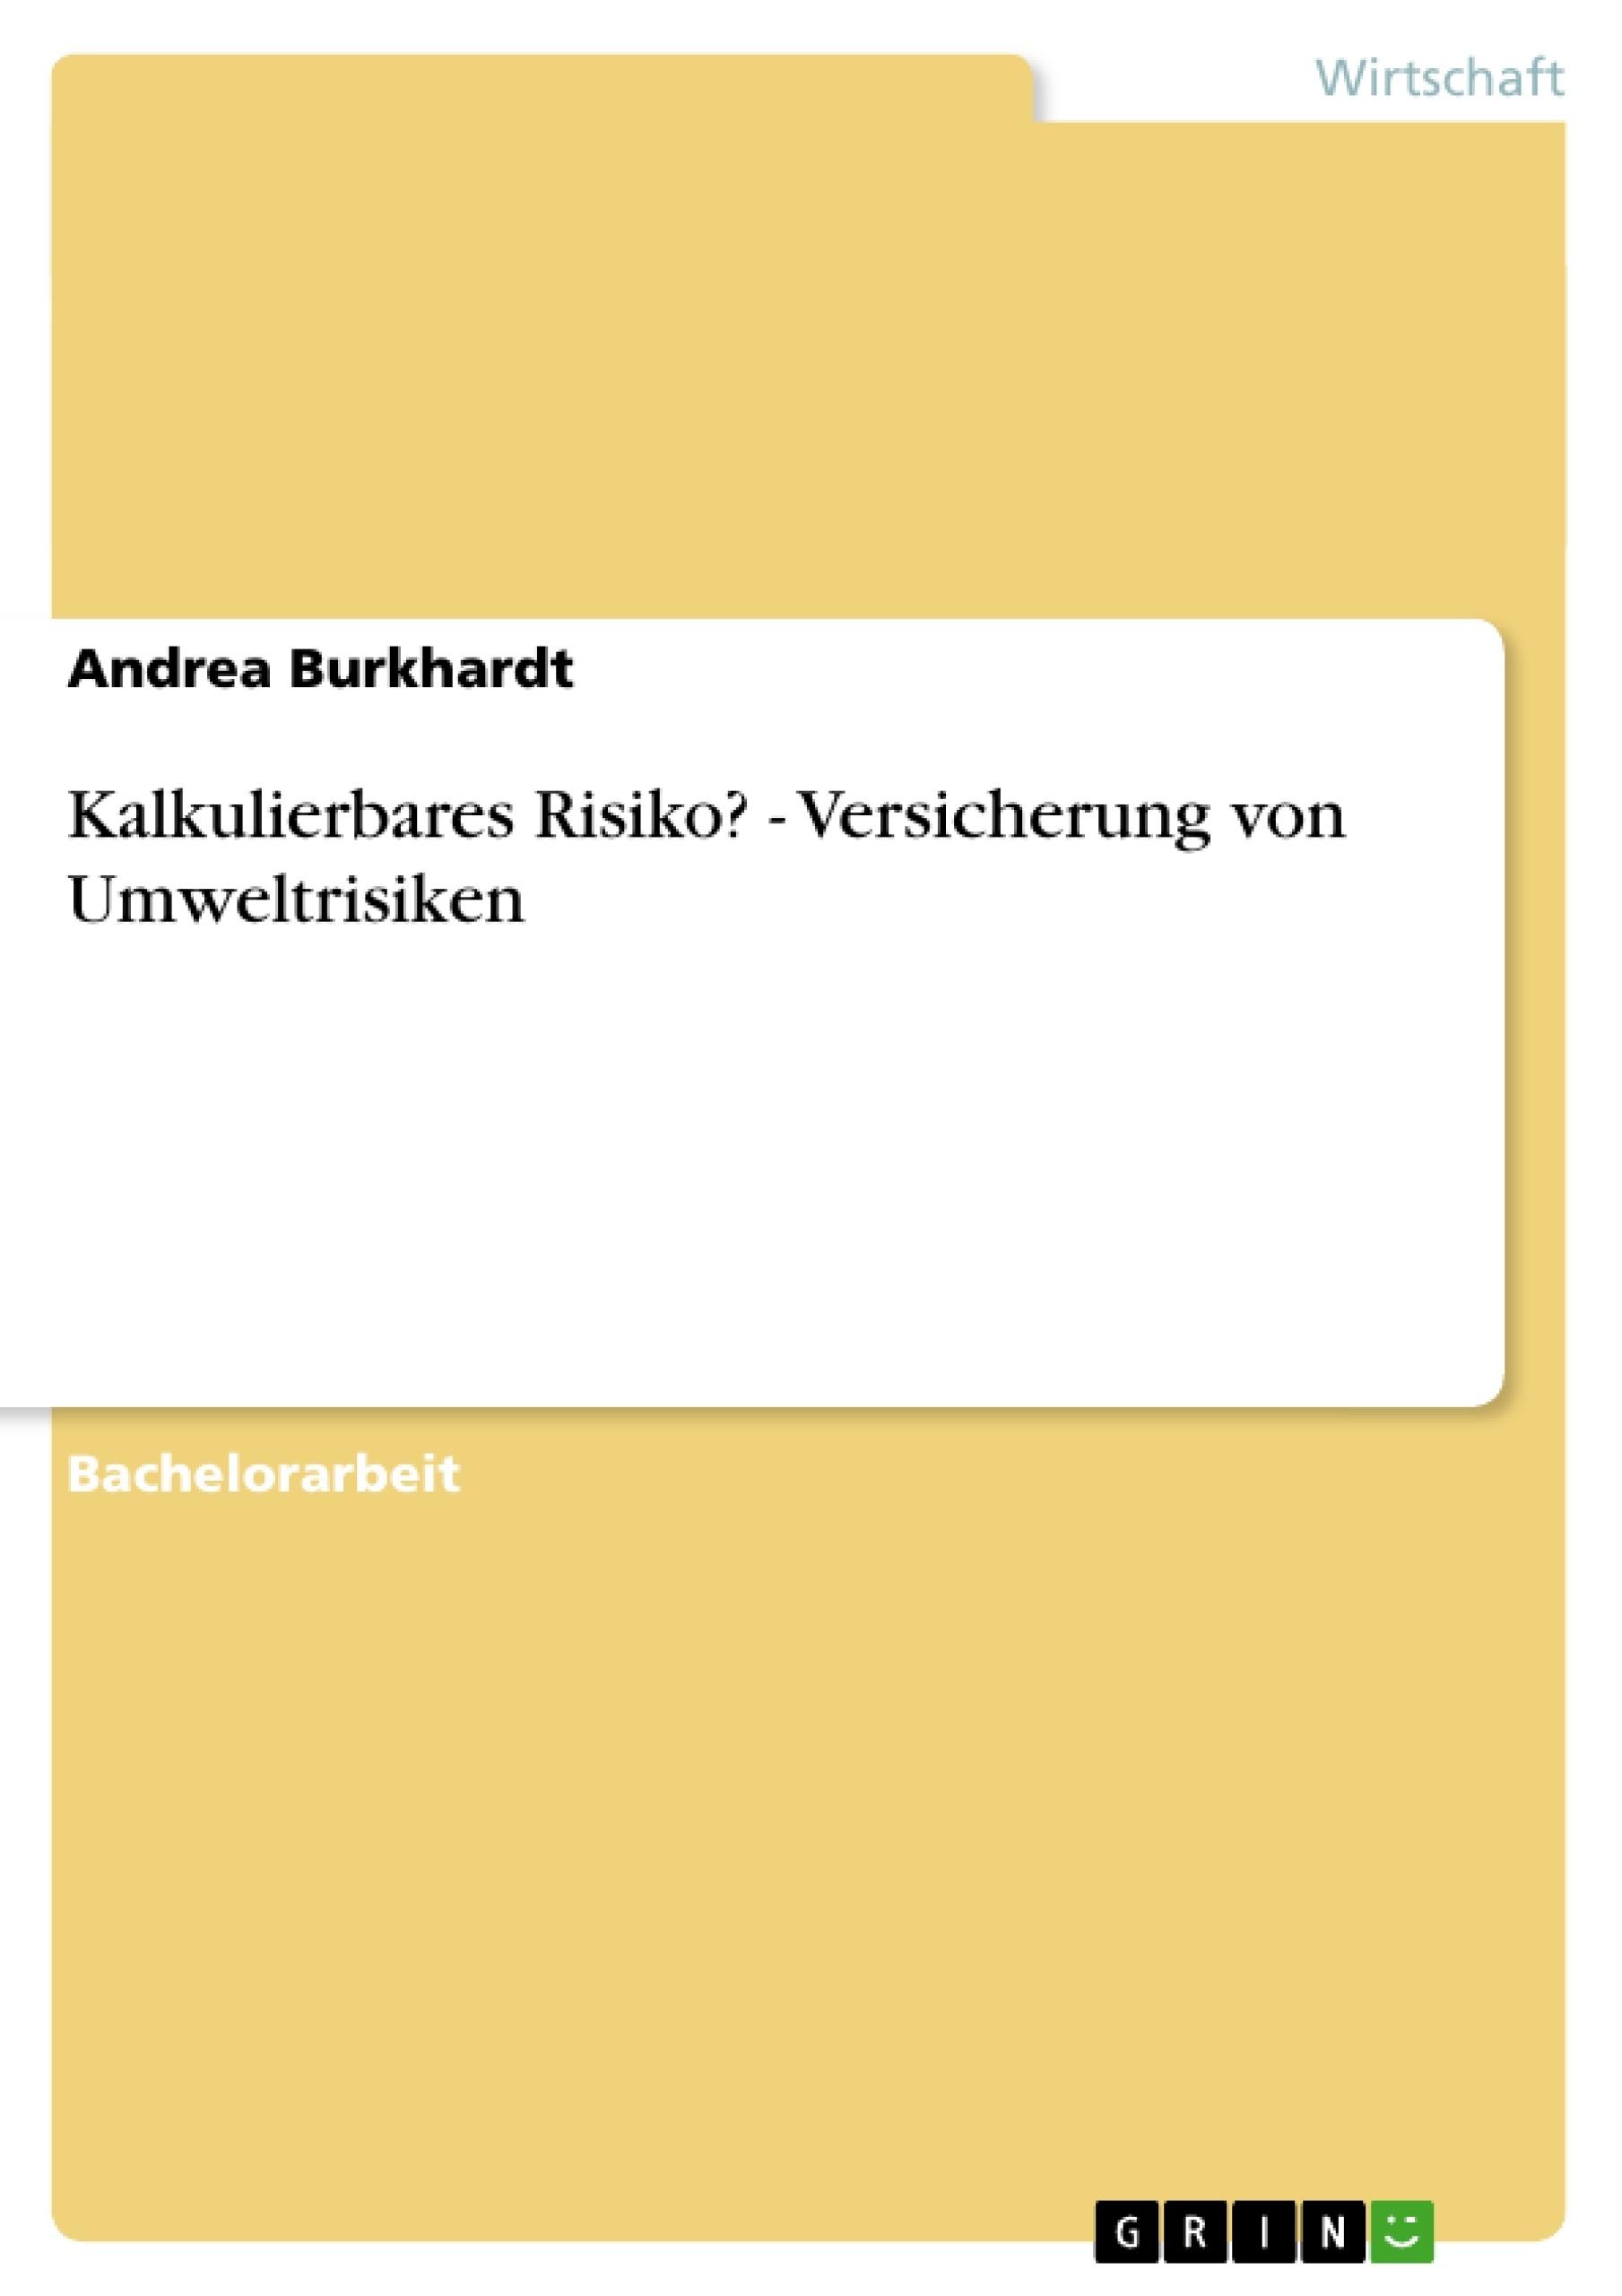 Titel: Kalkulierbares Risiko? - Versicherung von Umweltrisiken